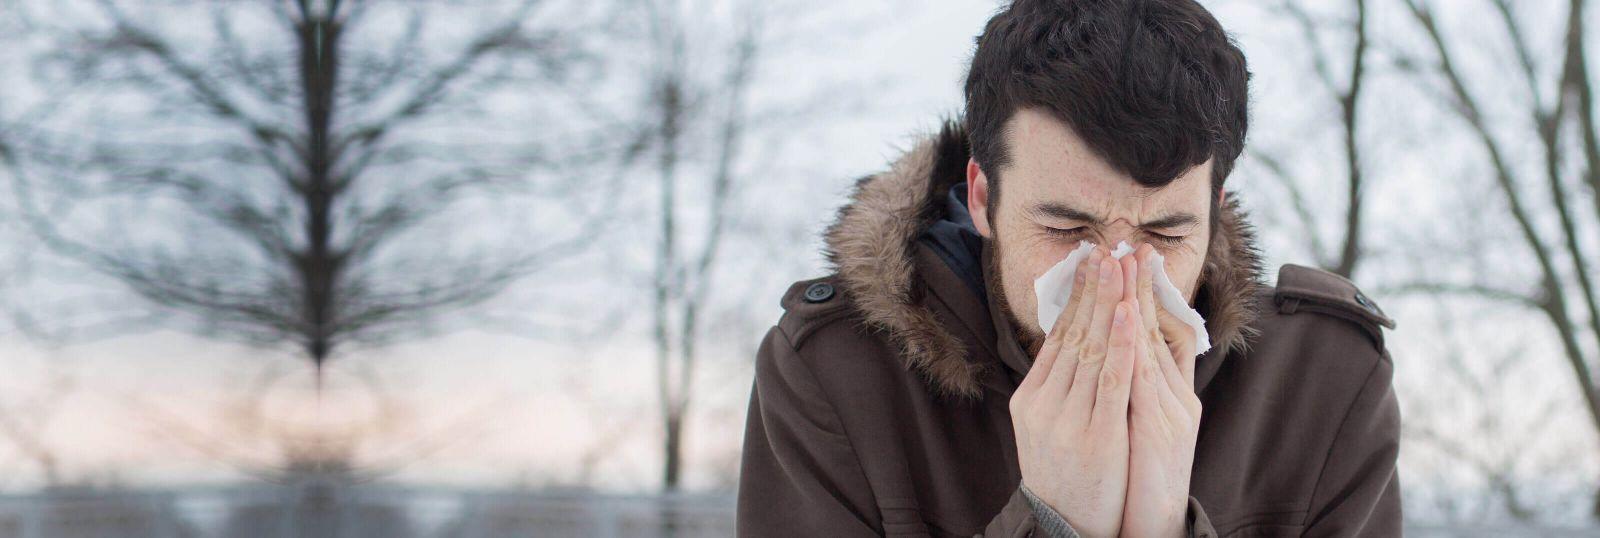 causas de los estornudos